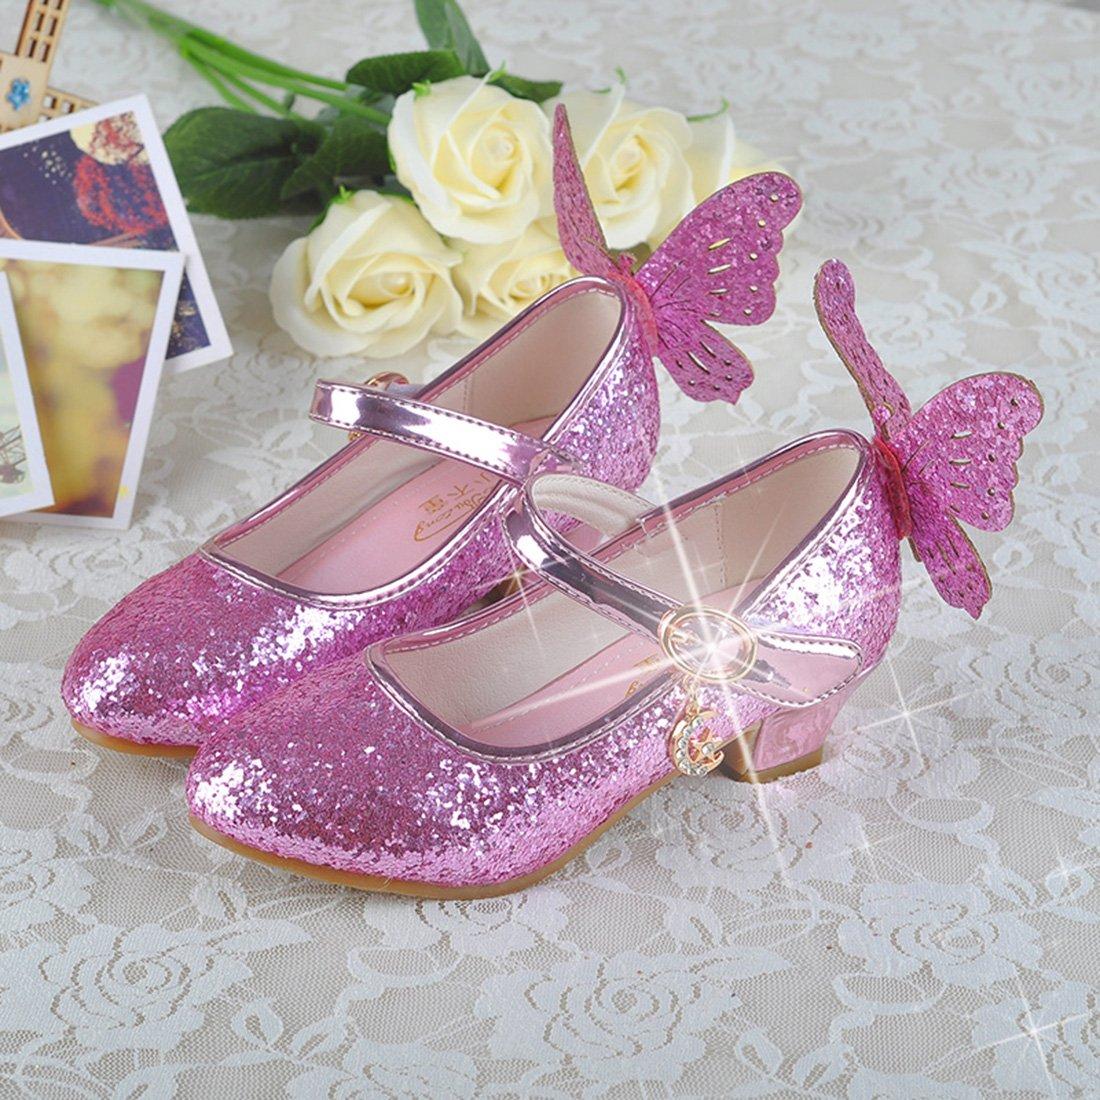 Yy.f YYF Fille Ballerines Mignon avec Paillettes et Papillon Brillant f6bf2c5a4b9a